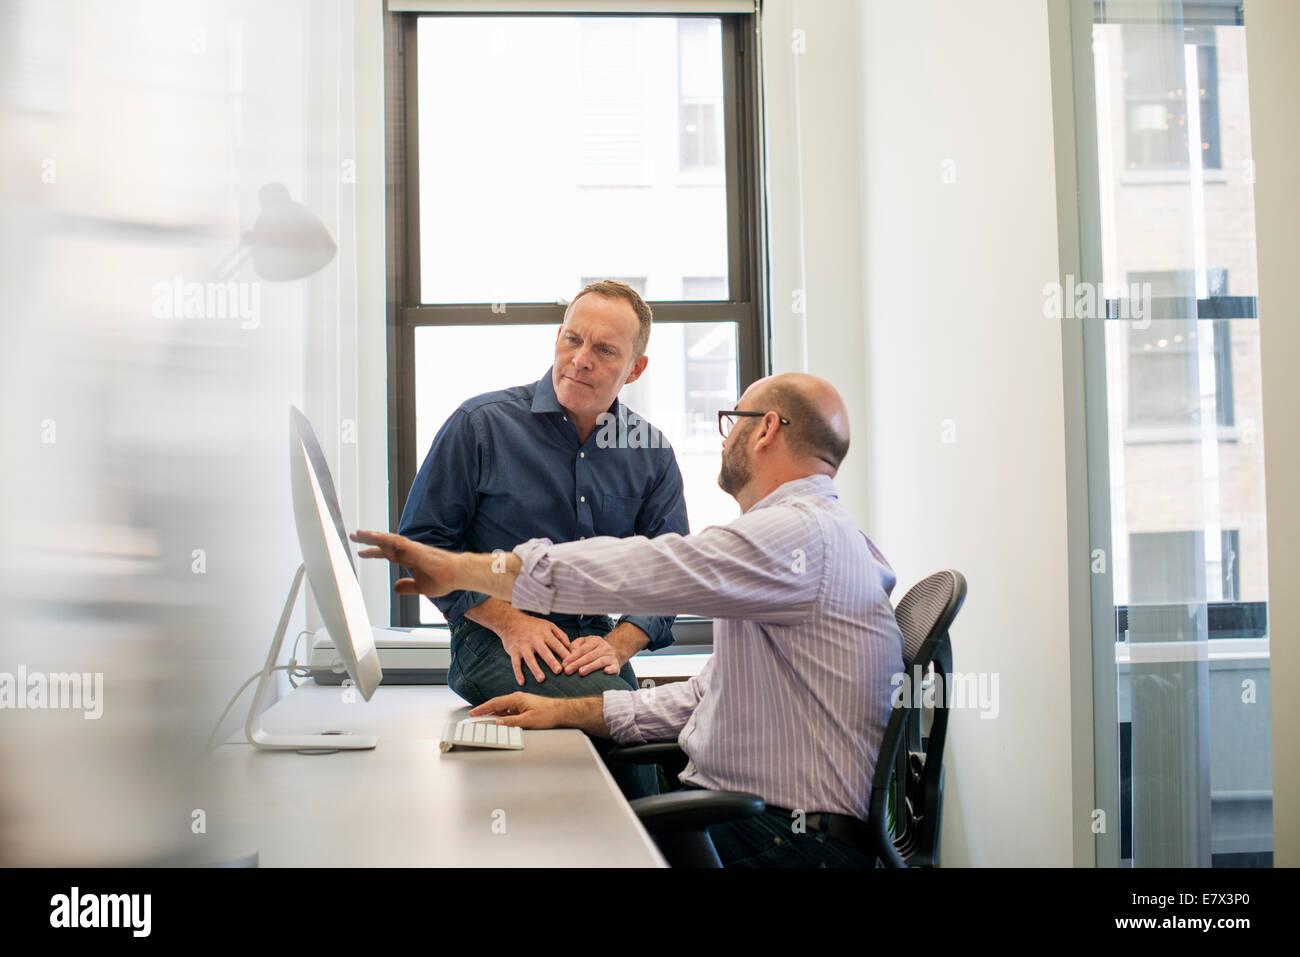 Deux collègues dans un bureau de parler et se référant à l'écran d'un ordinateur. Photo Stock